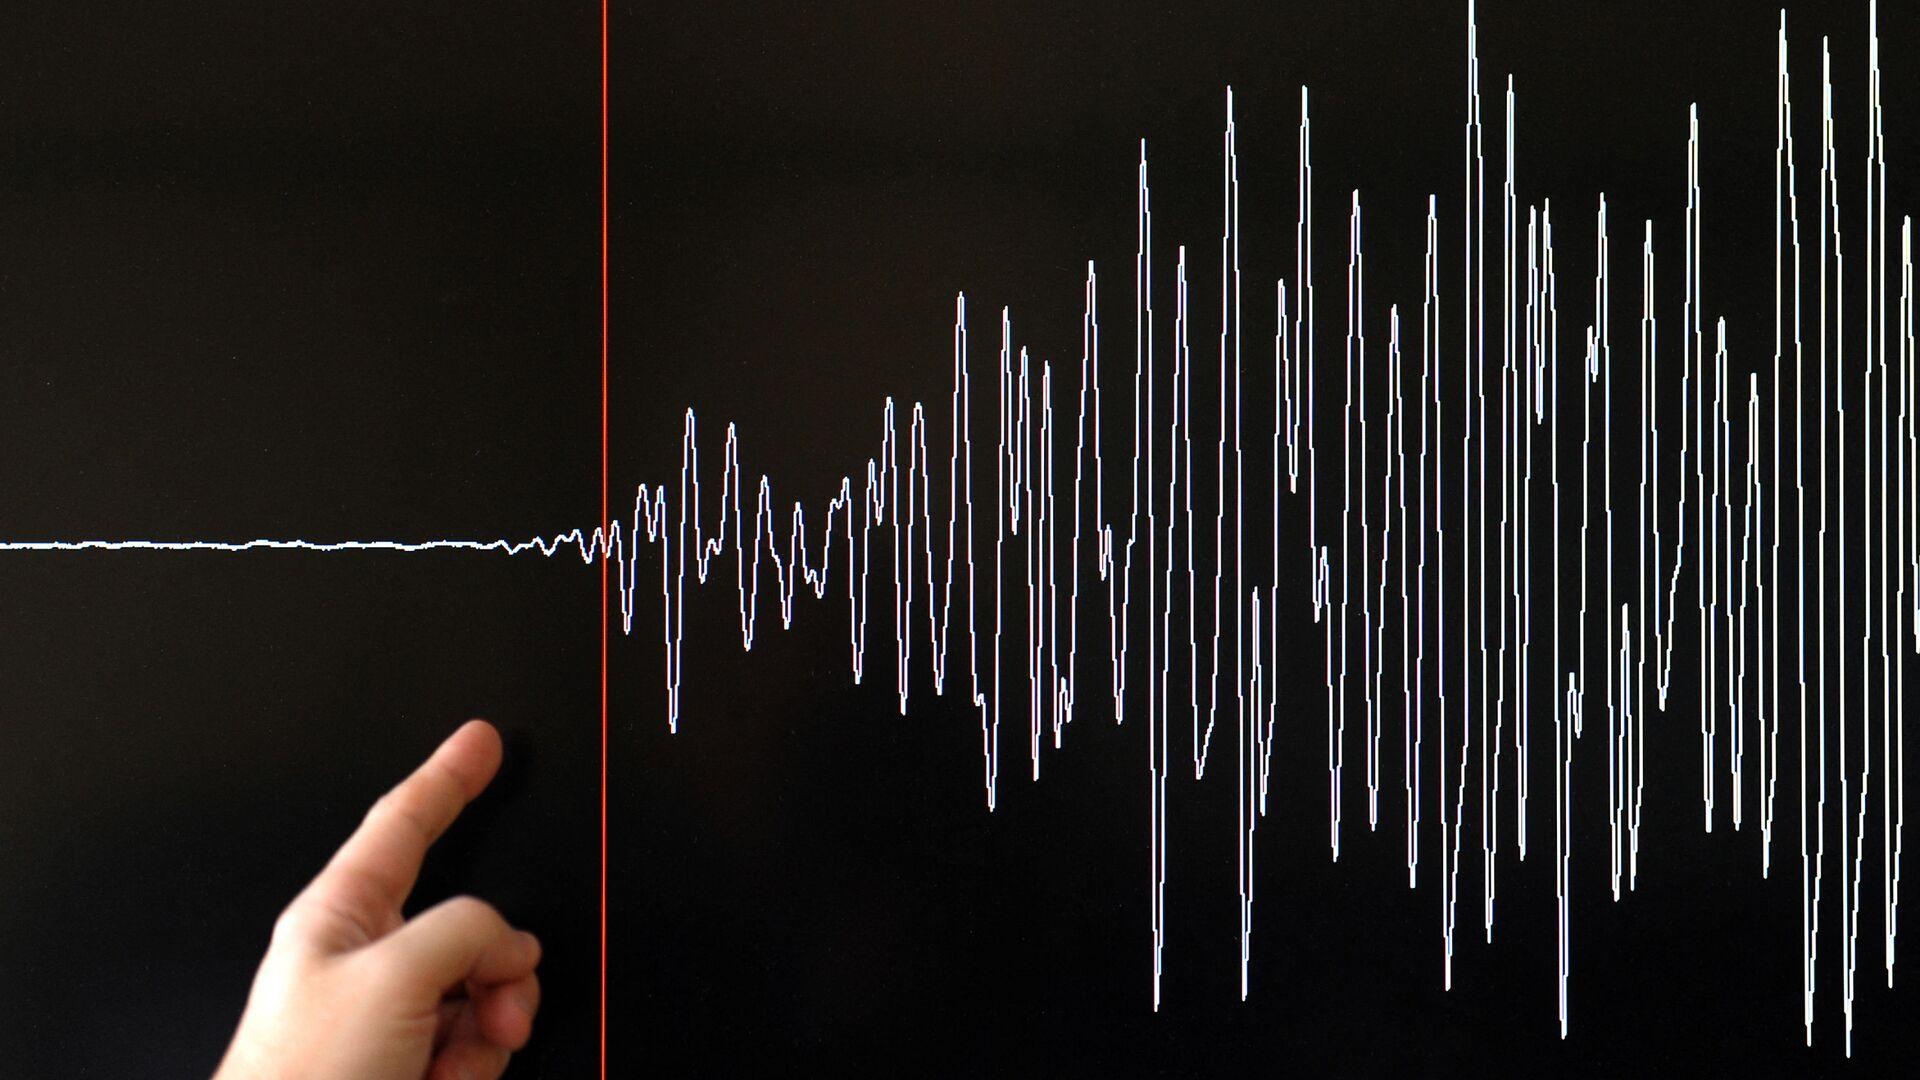 Earthquake seismograph diagram - Sputnik International, 1920, 19.08.2021